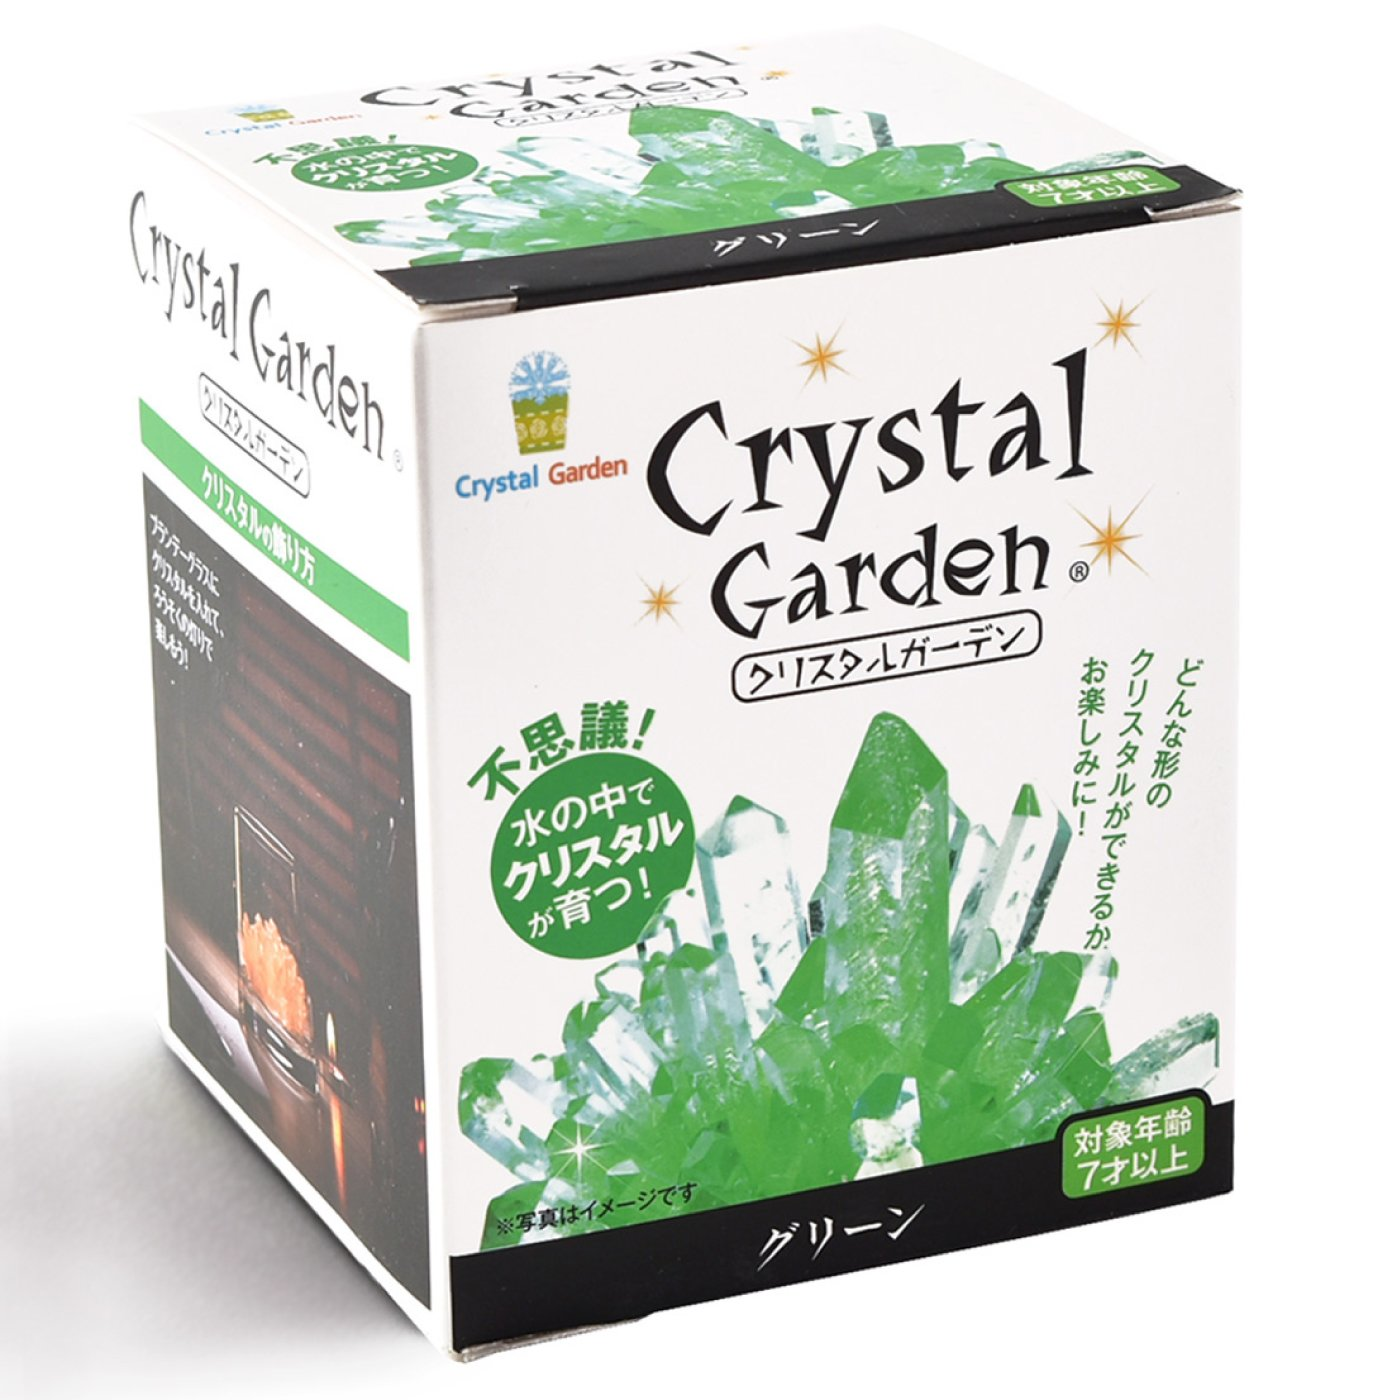 自分だけの結晶を育てよう 結晶育成キット〈グリーン〉